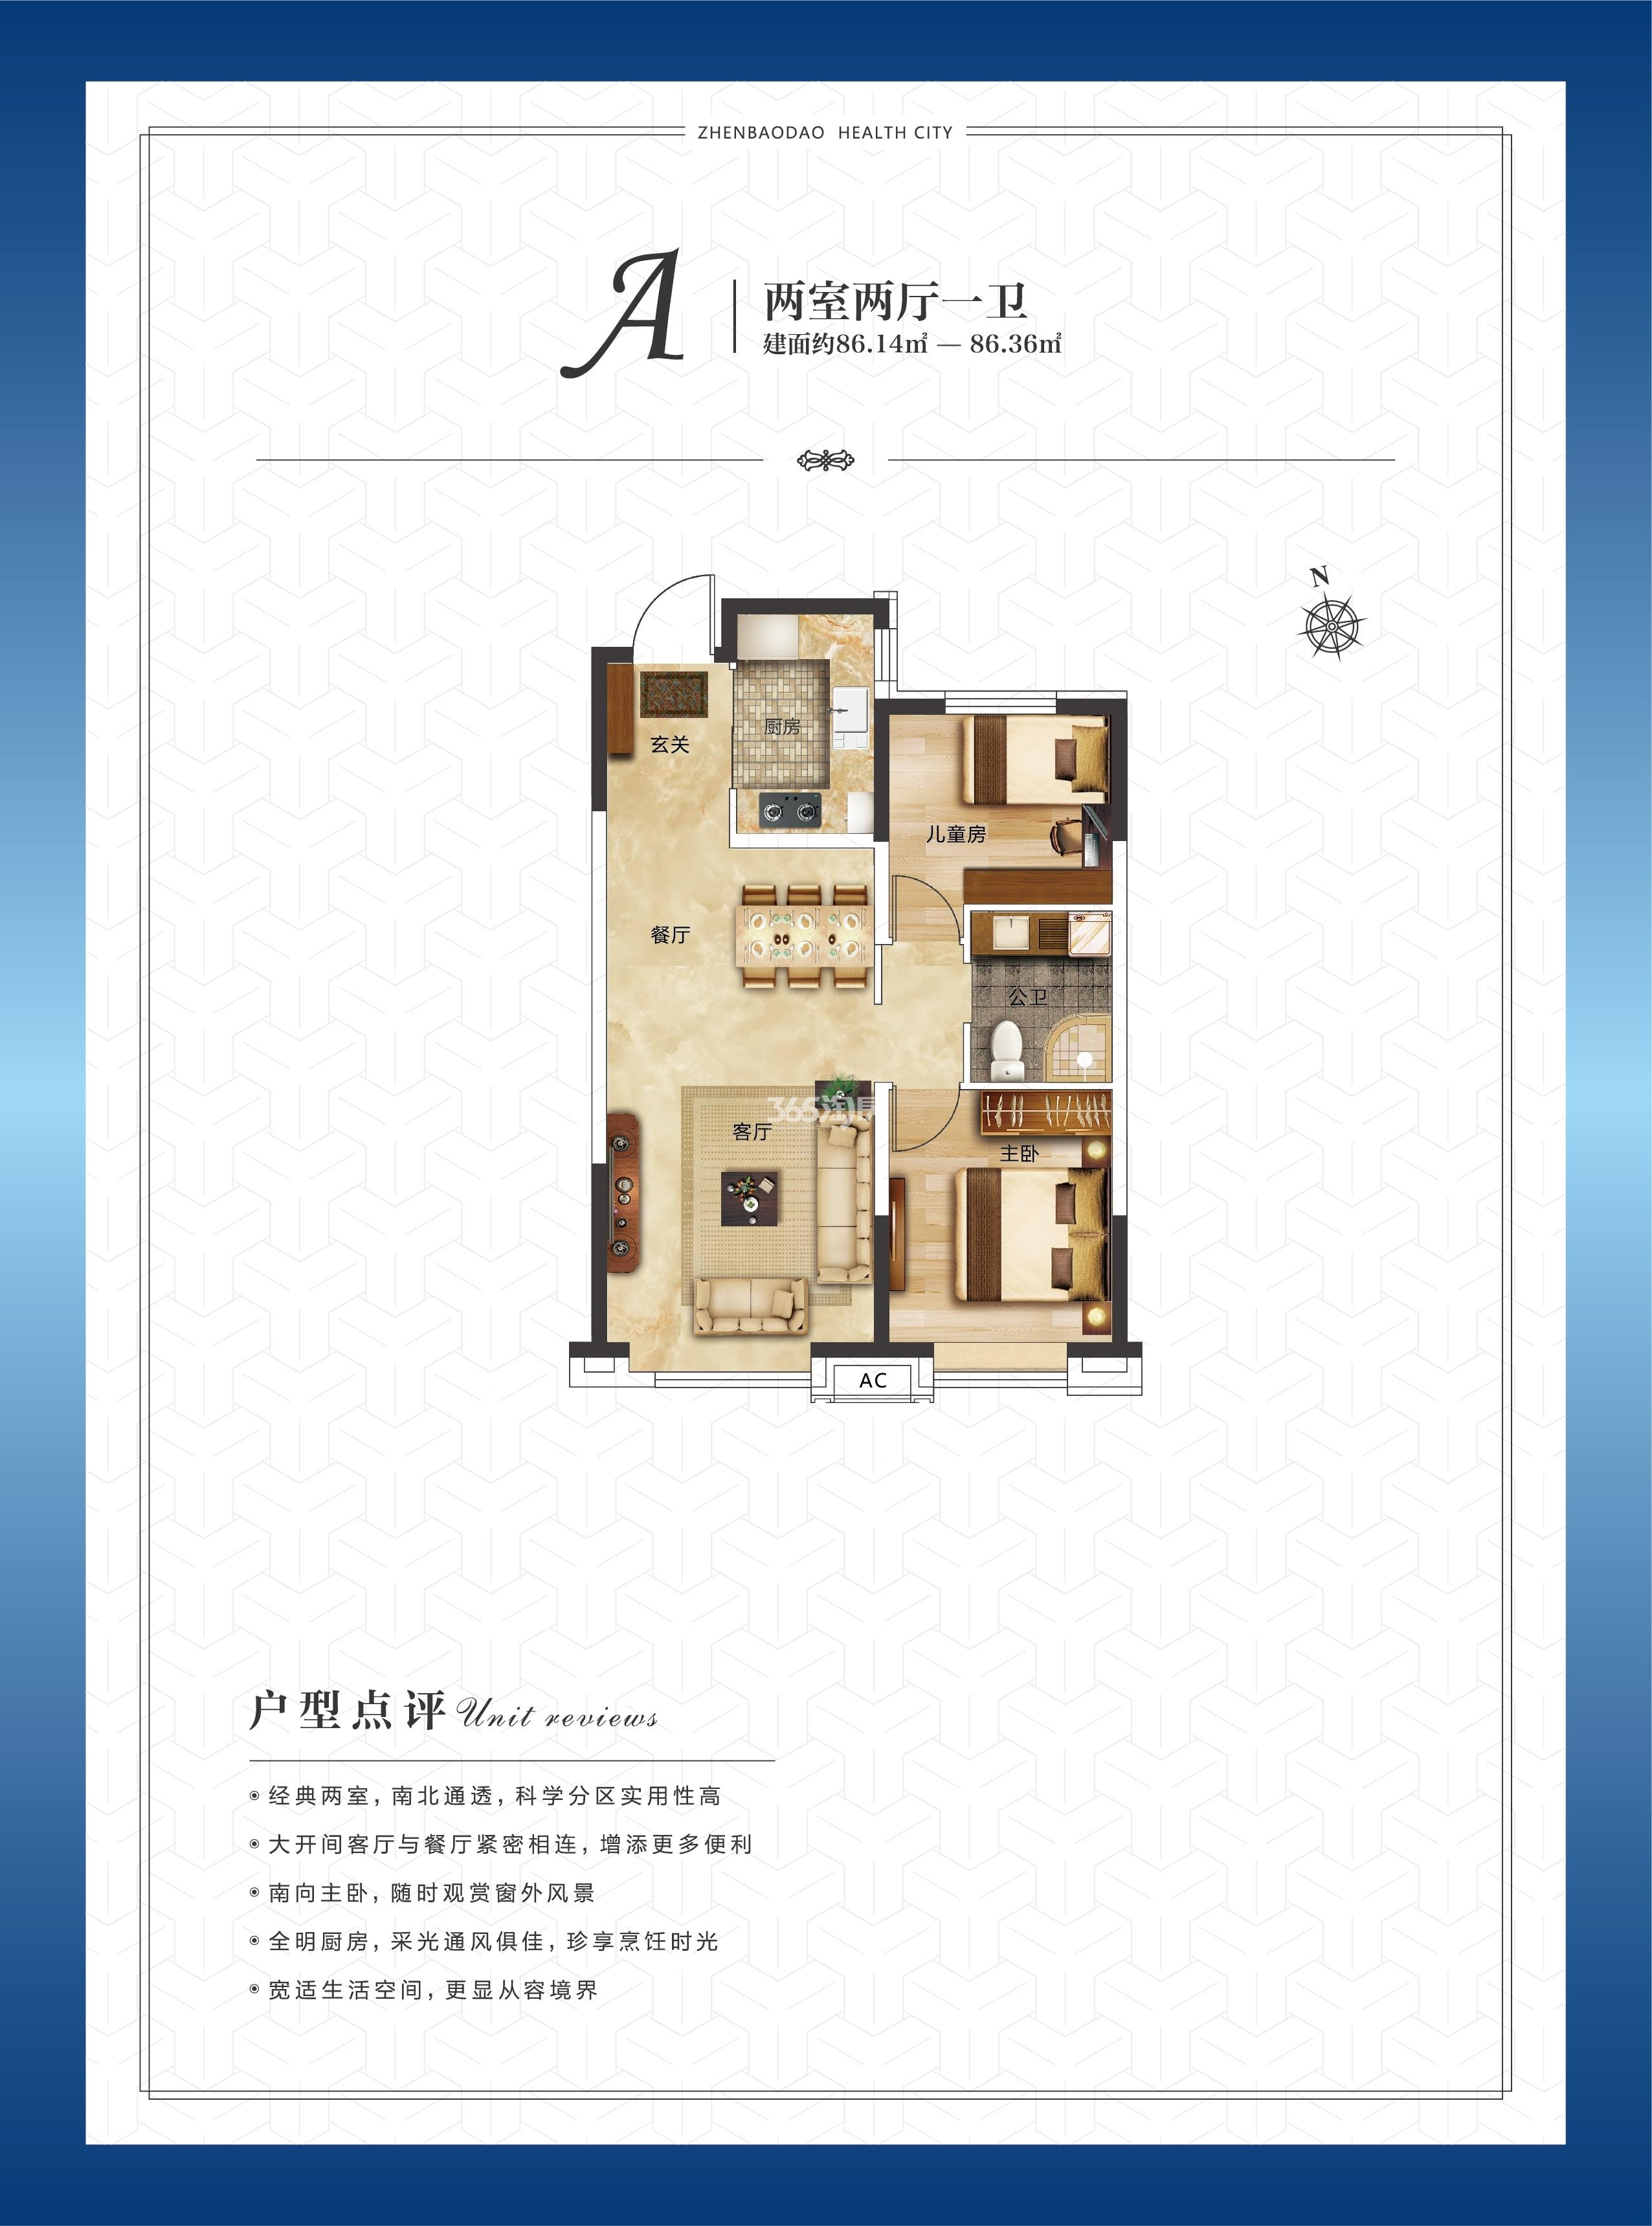 珍宝岛·健康城户型图